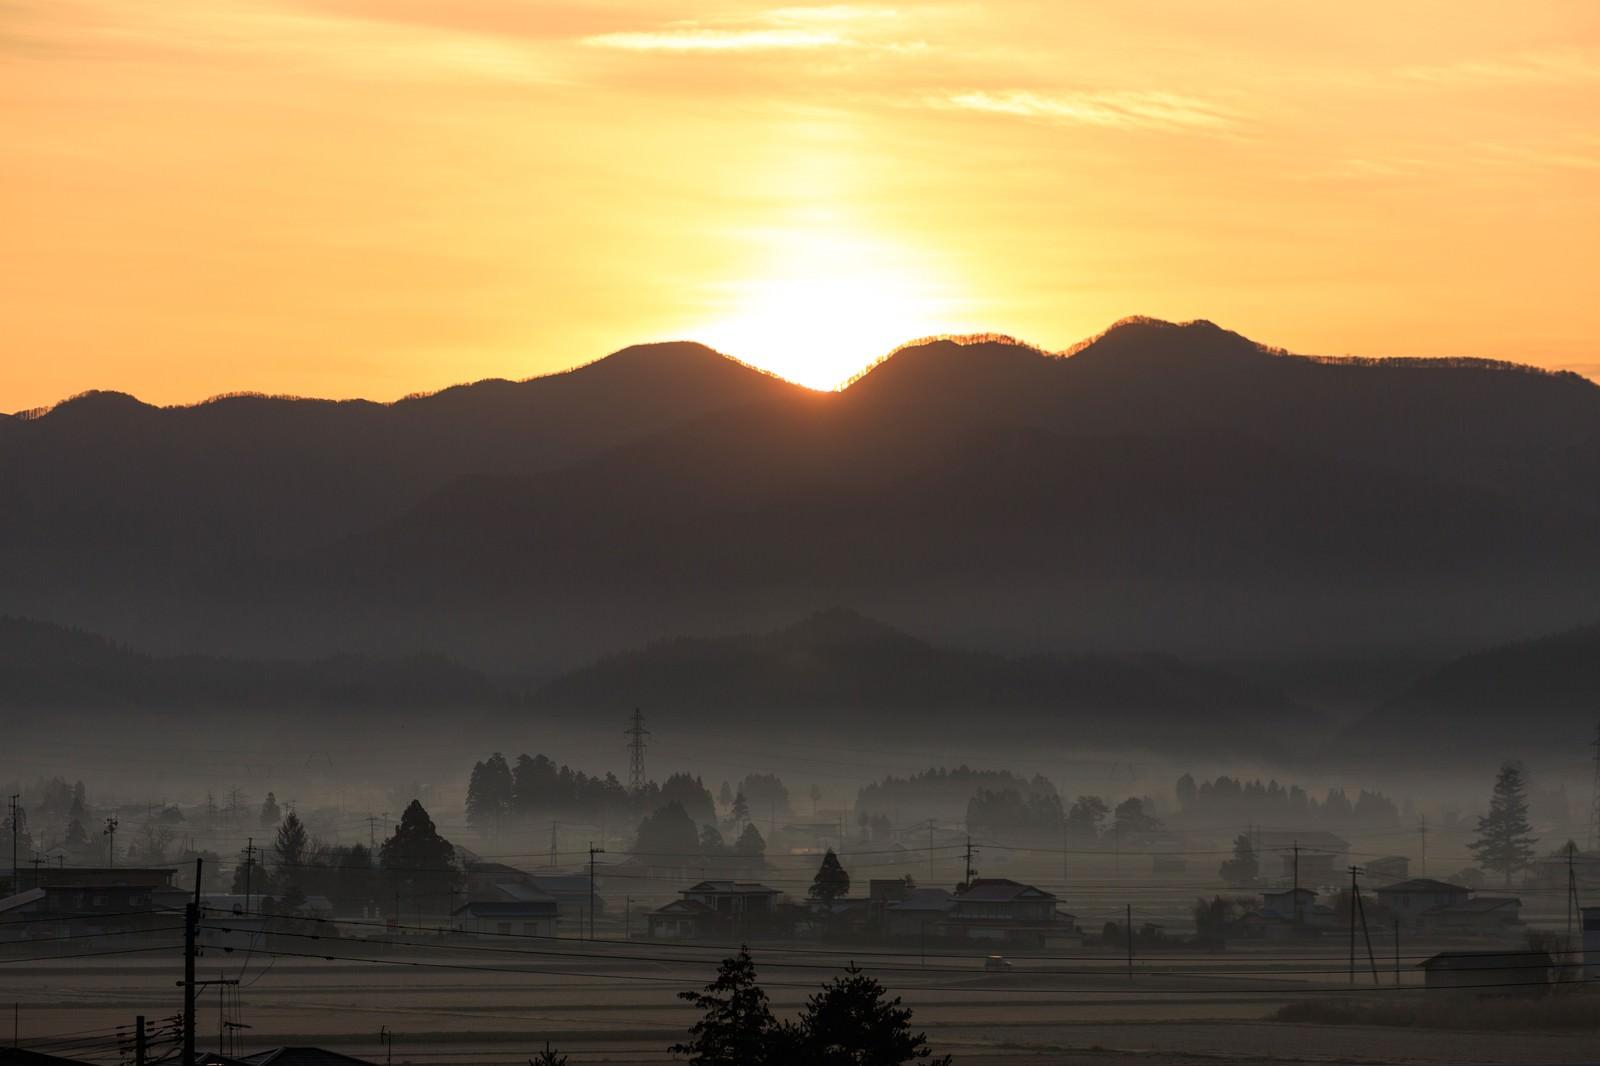 夜明けと田舎町夜明けと田舎町